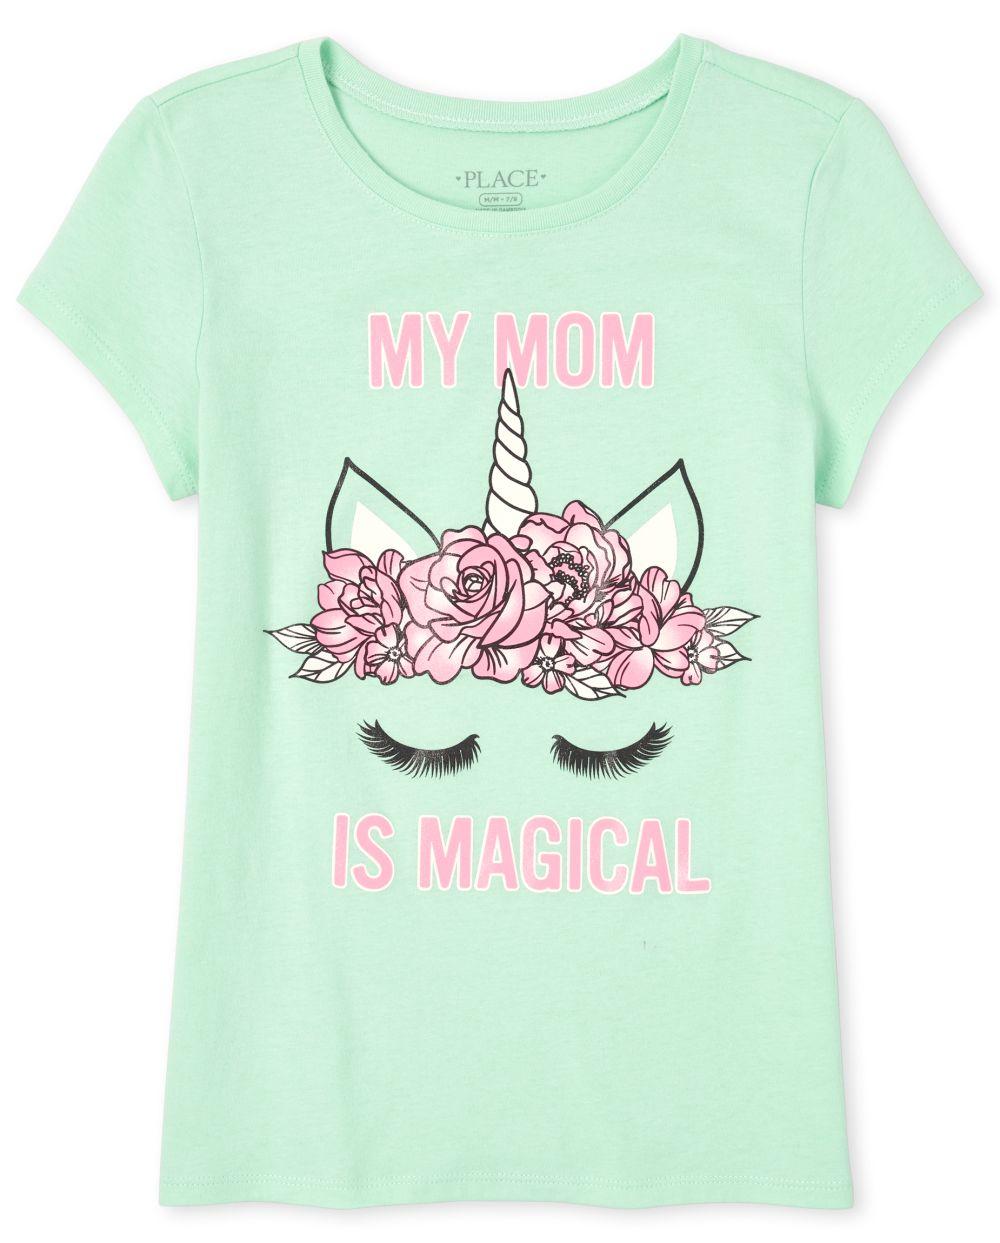 Girls Glitter Magical Unicorn Graphic Tee